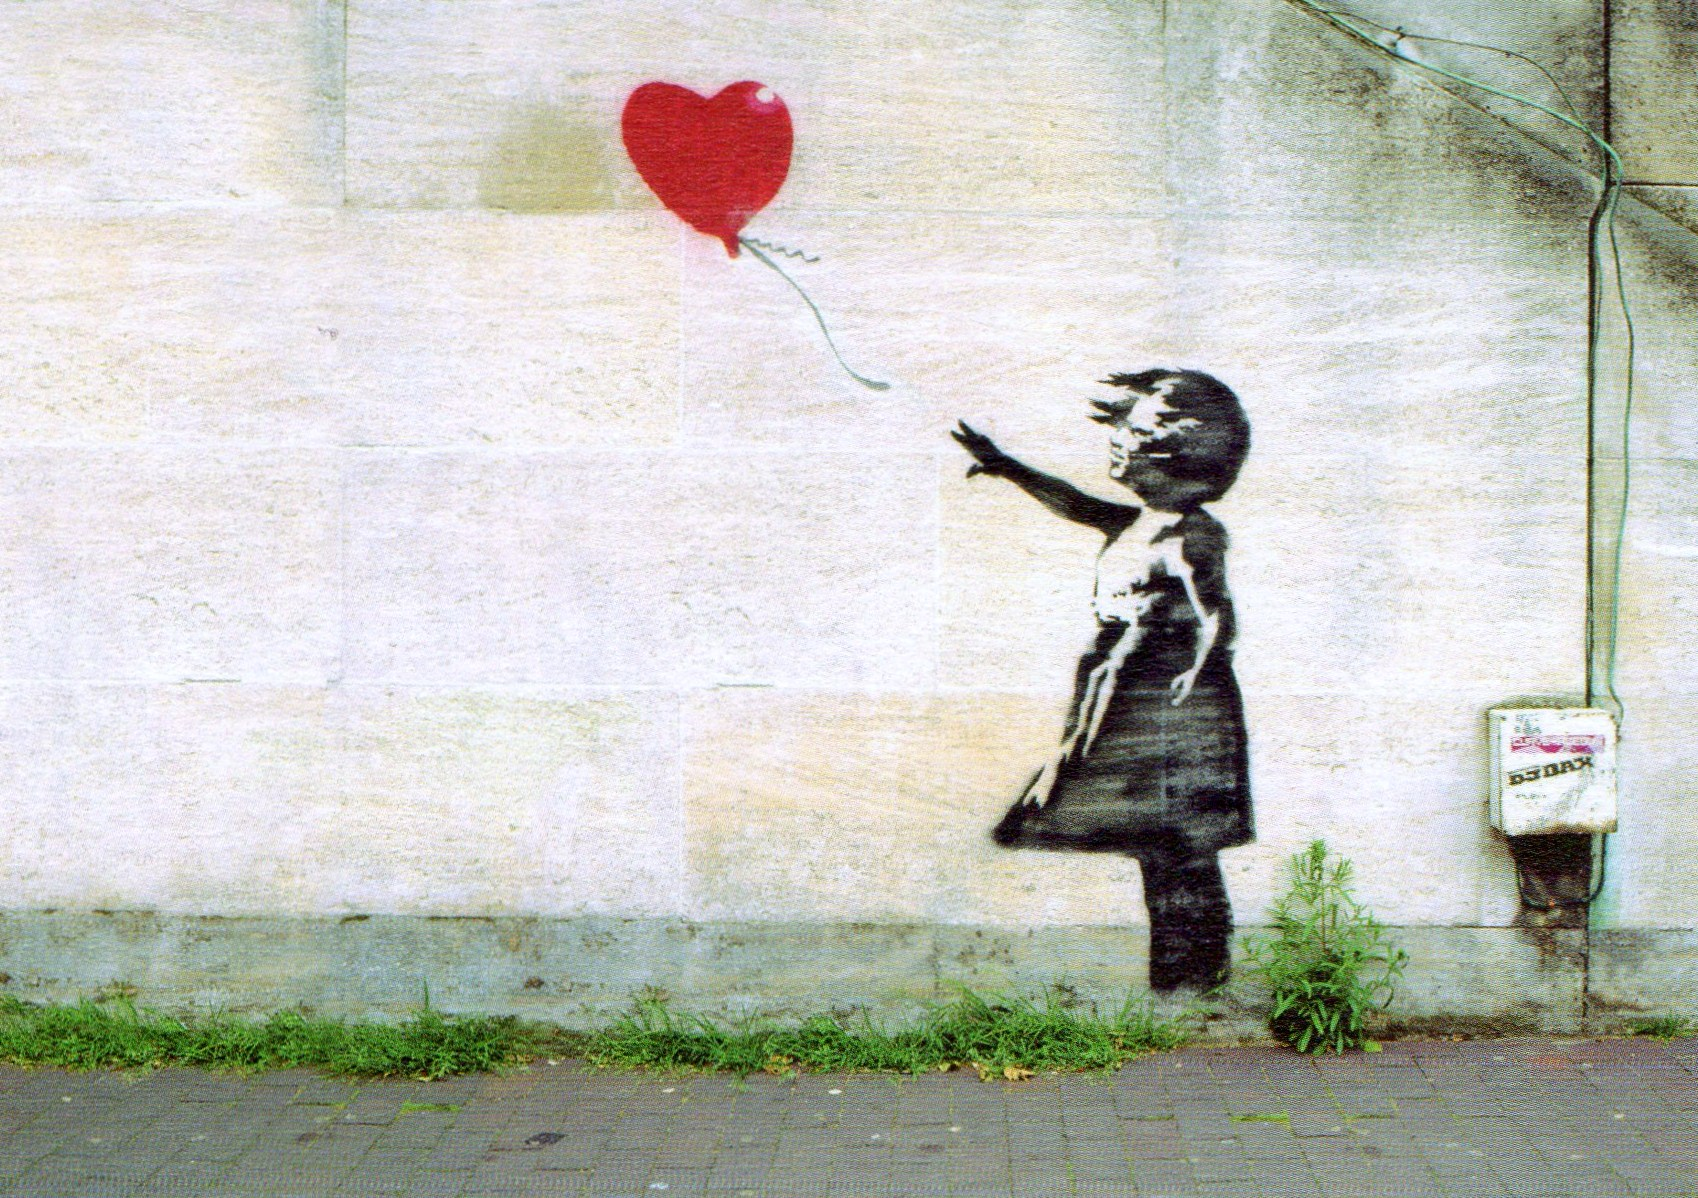 Banksy There Is Always Hope Wallpaper | www.pixshark.com ...